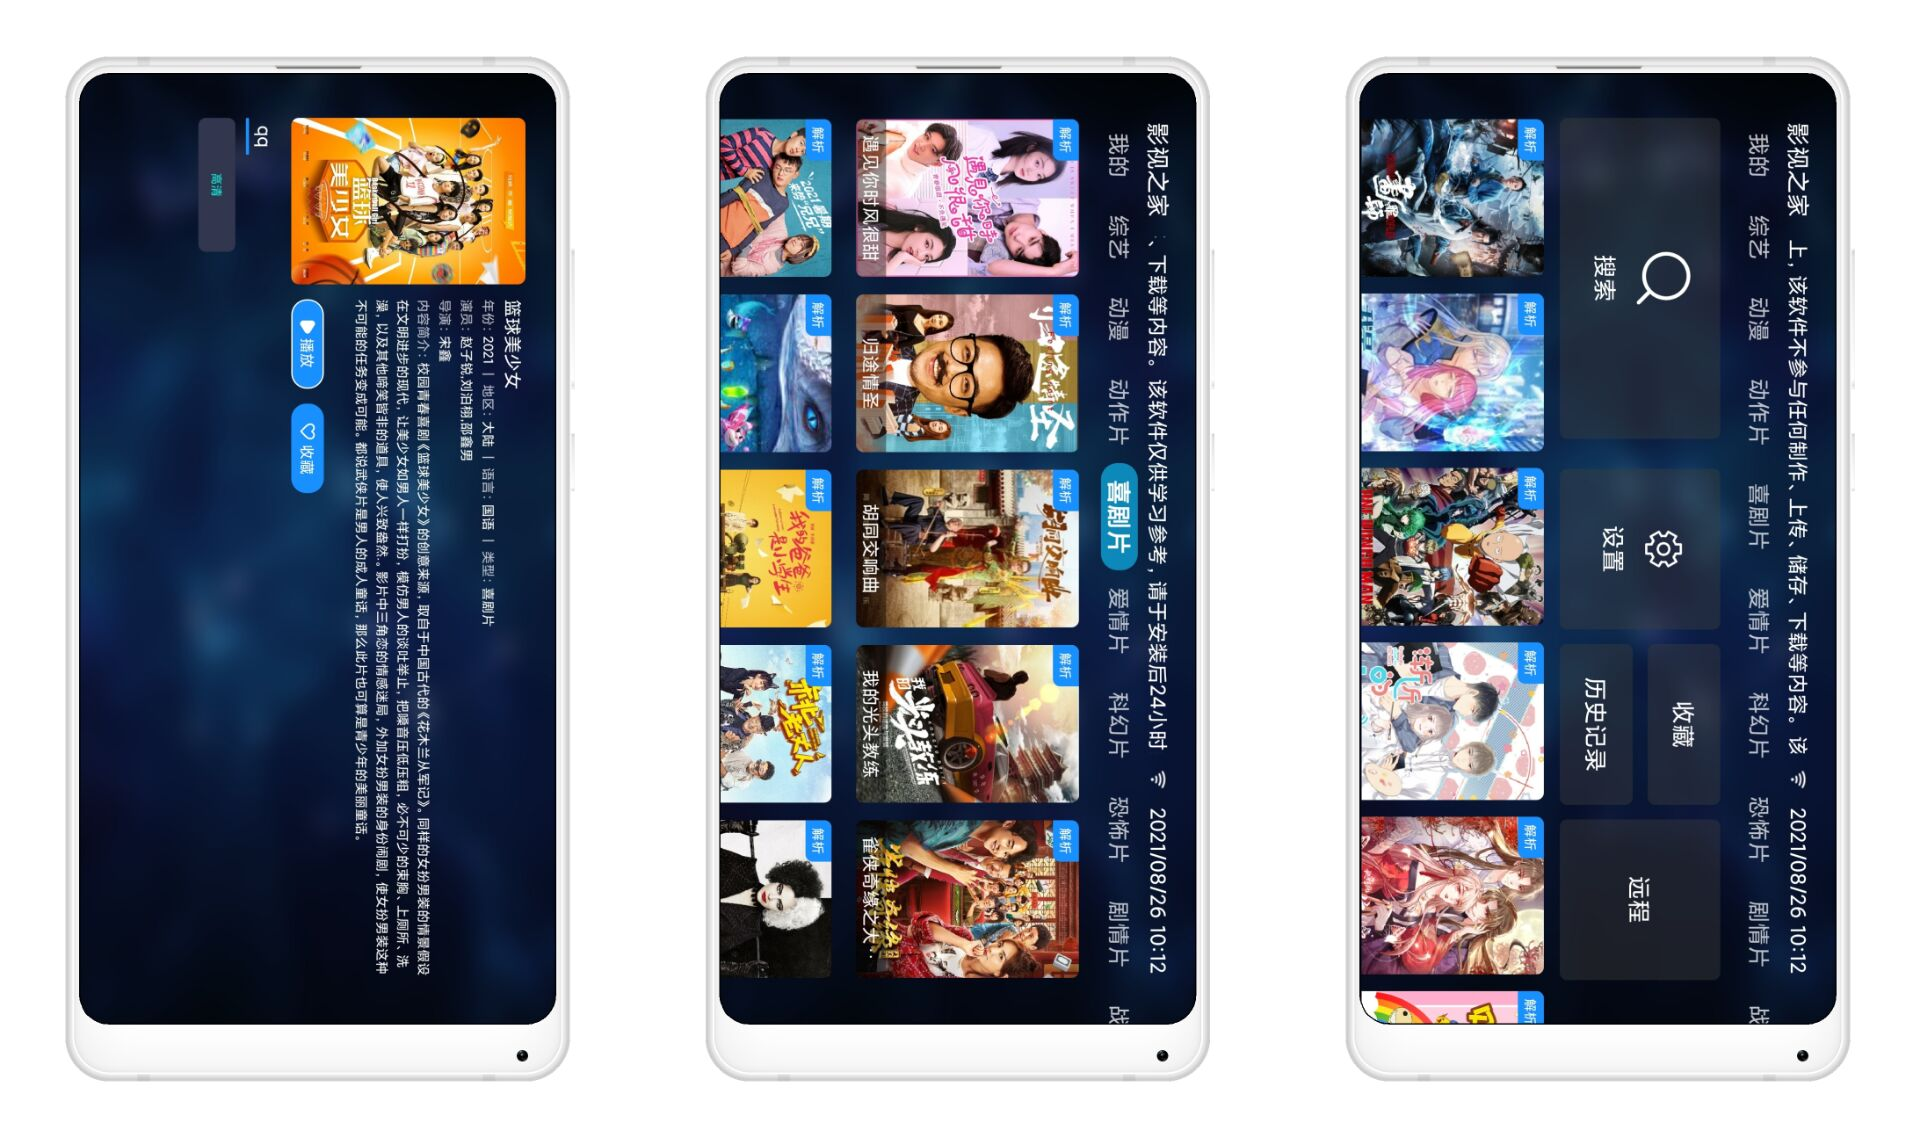 影视之家V1.3.0 非常实用的影视点播软件